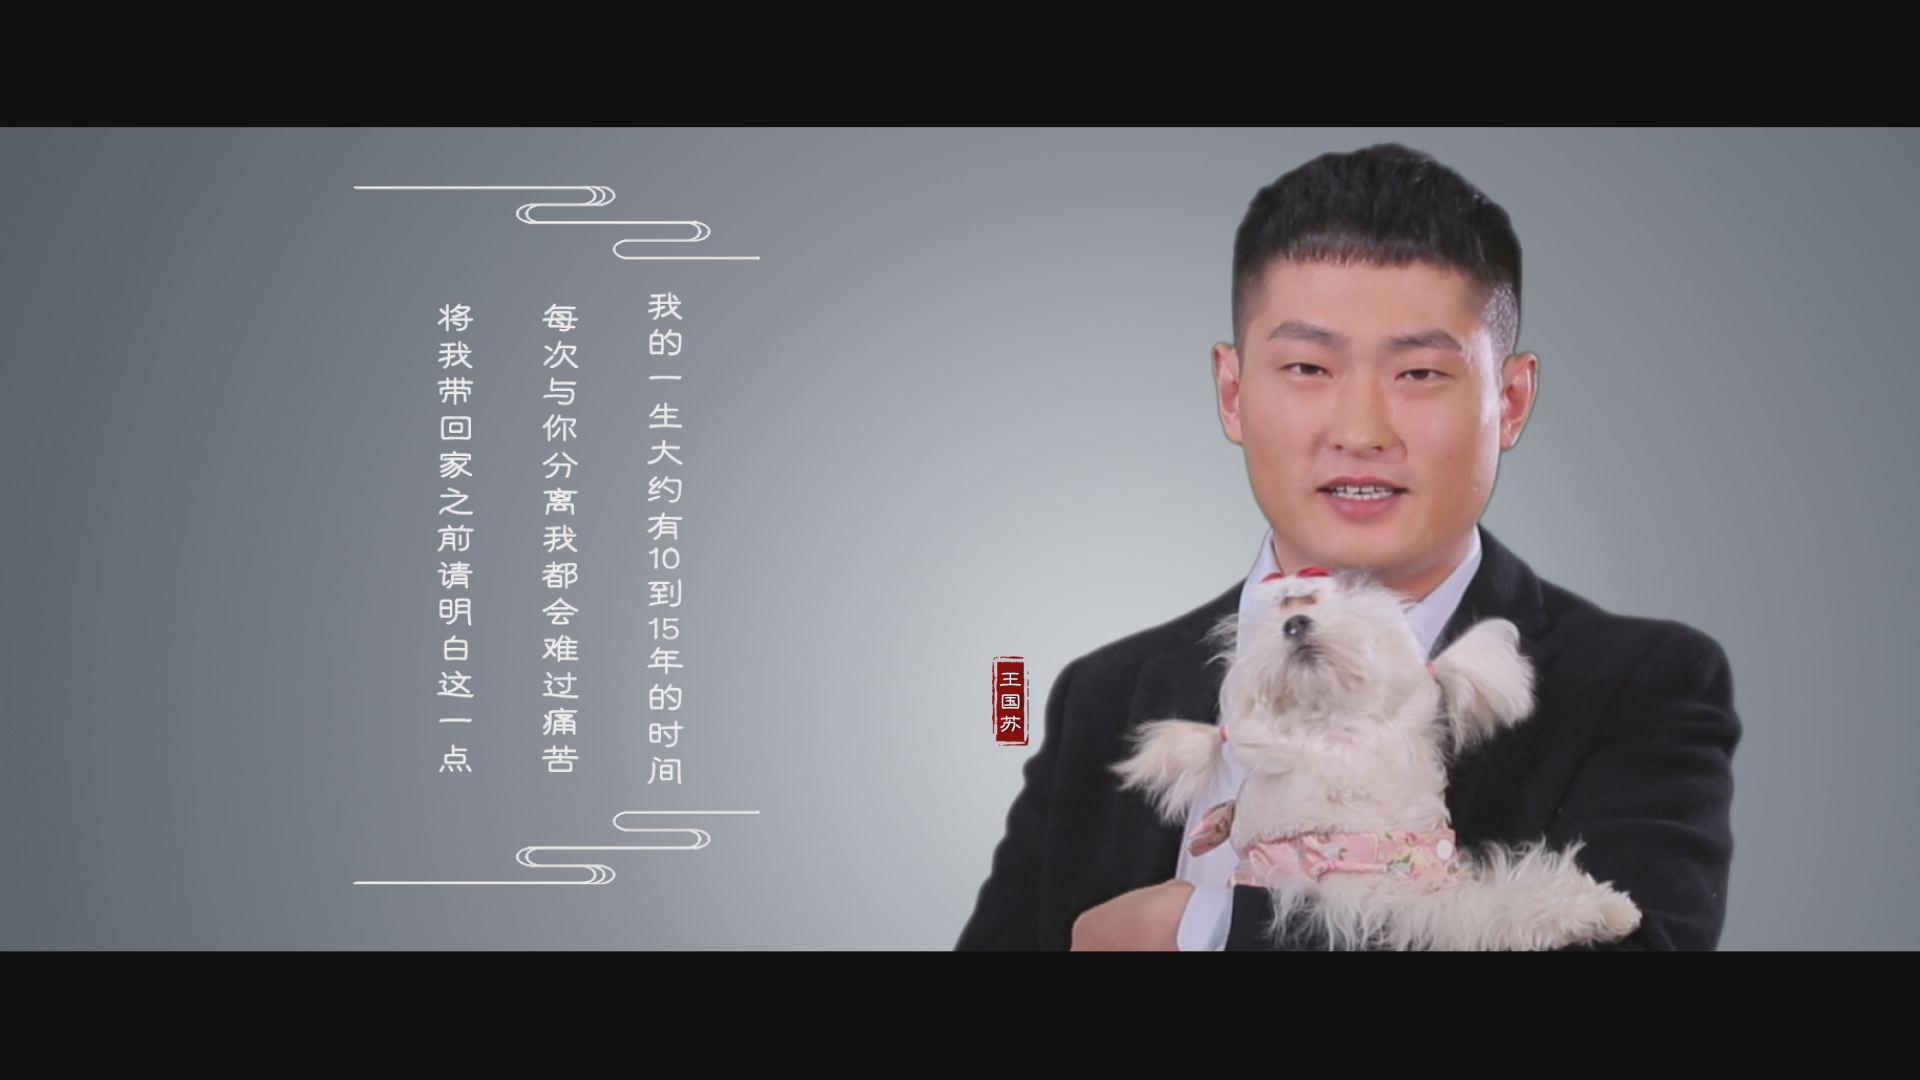 超燃!宠物行业助力中国梦,超强阵容公益片《中国梦宠物梦》